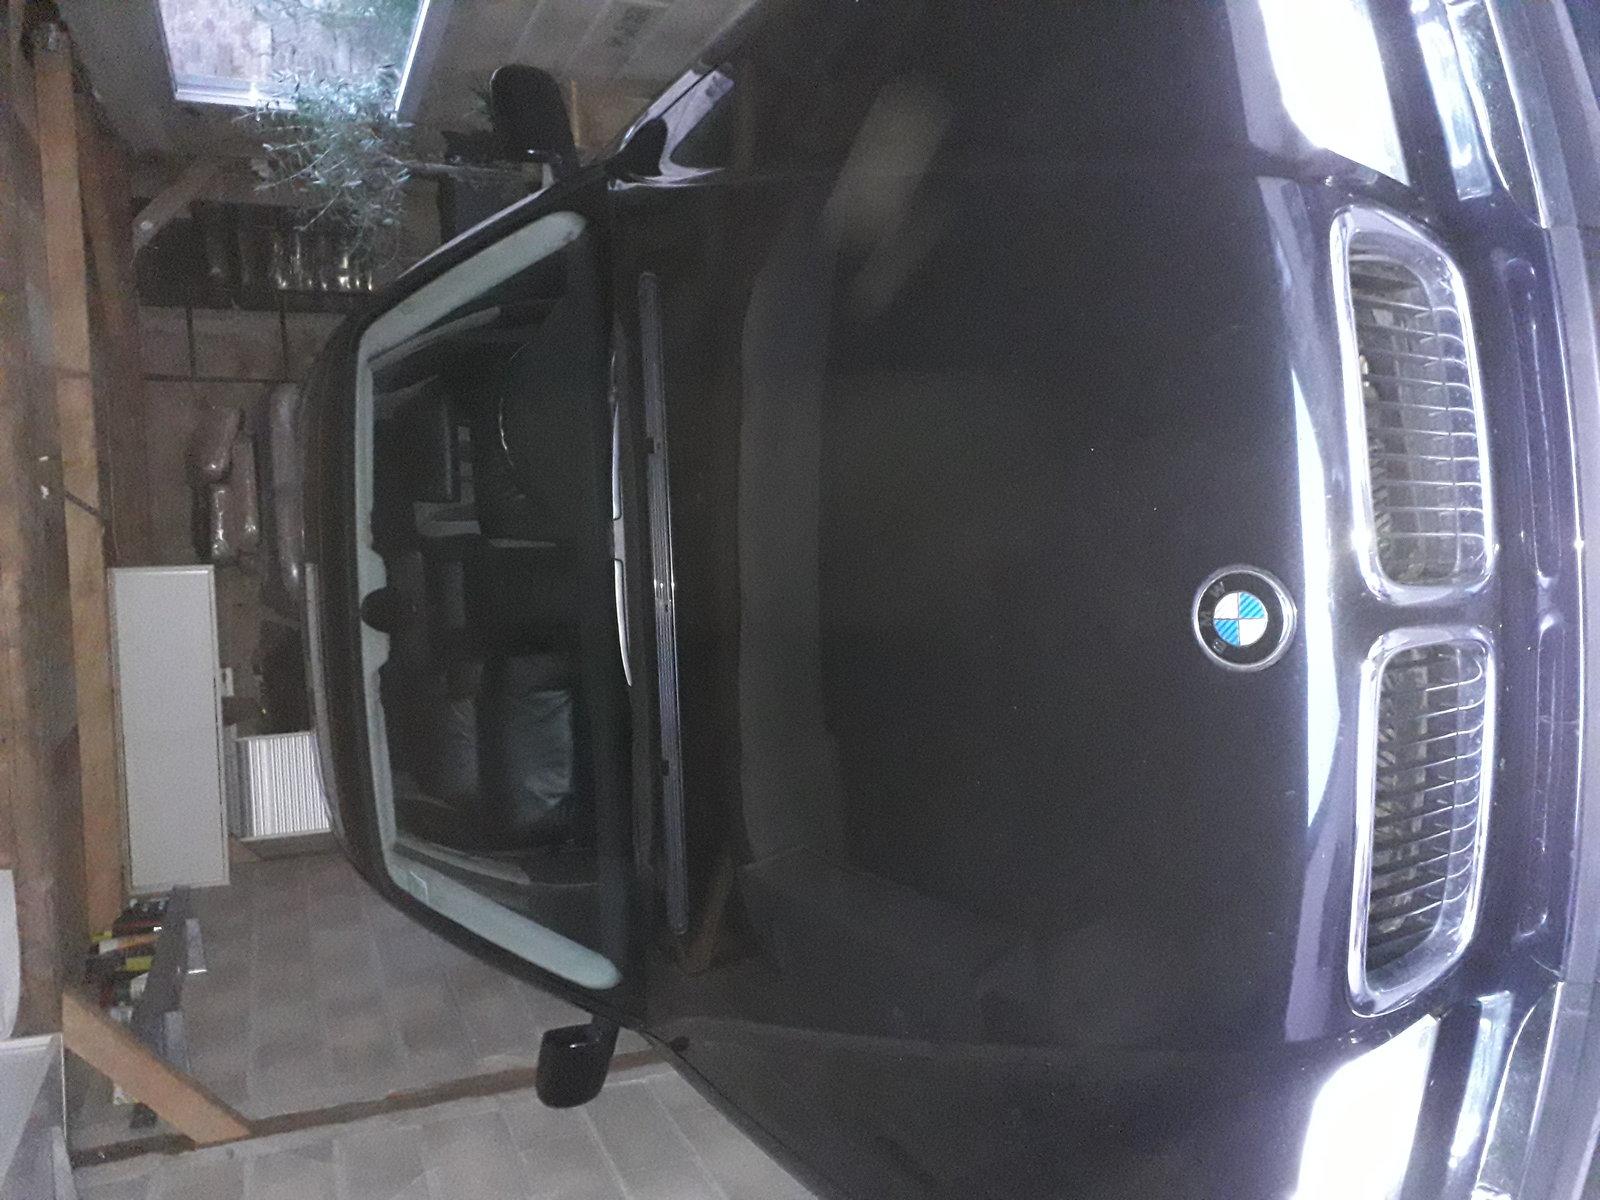 740i full black de gilles v8 - Page 9 201219055240138500